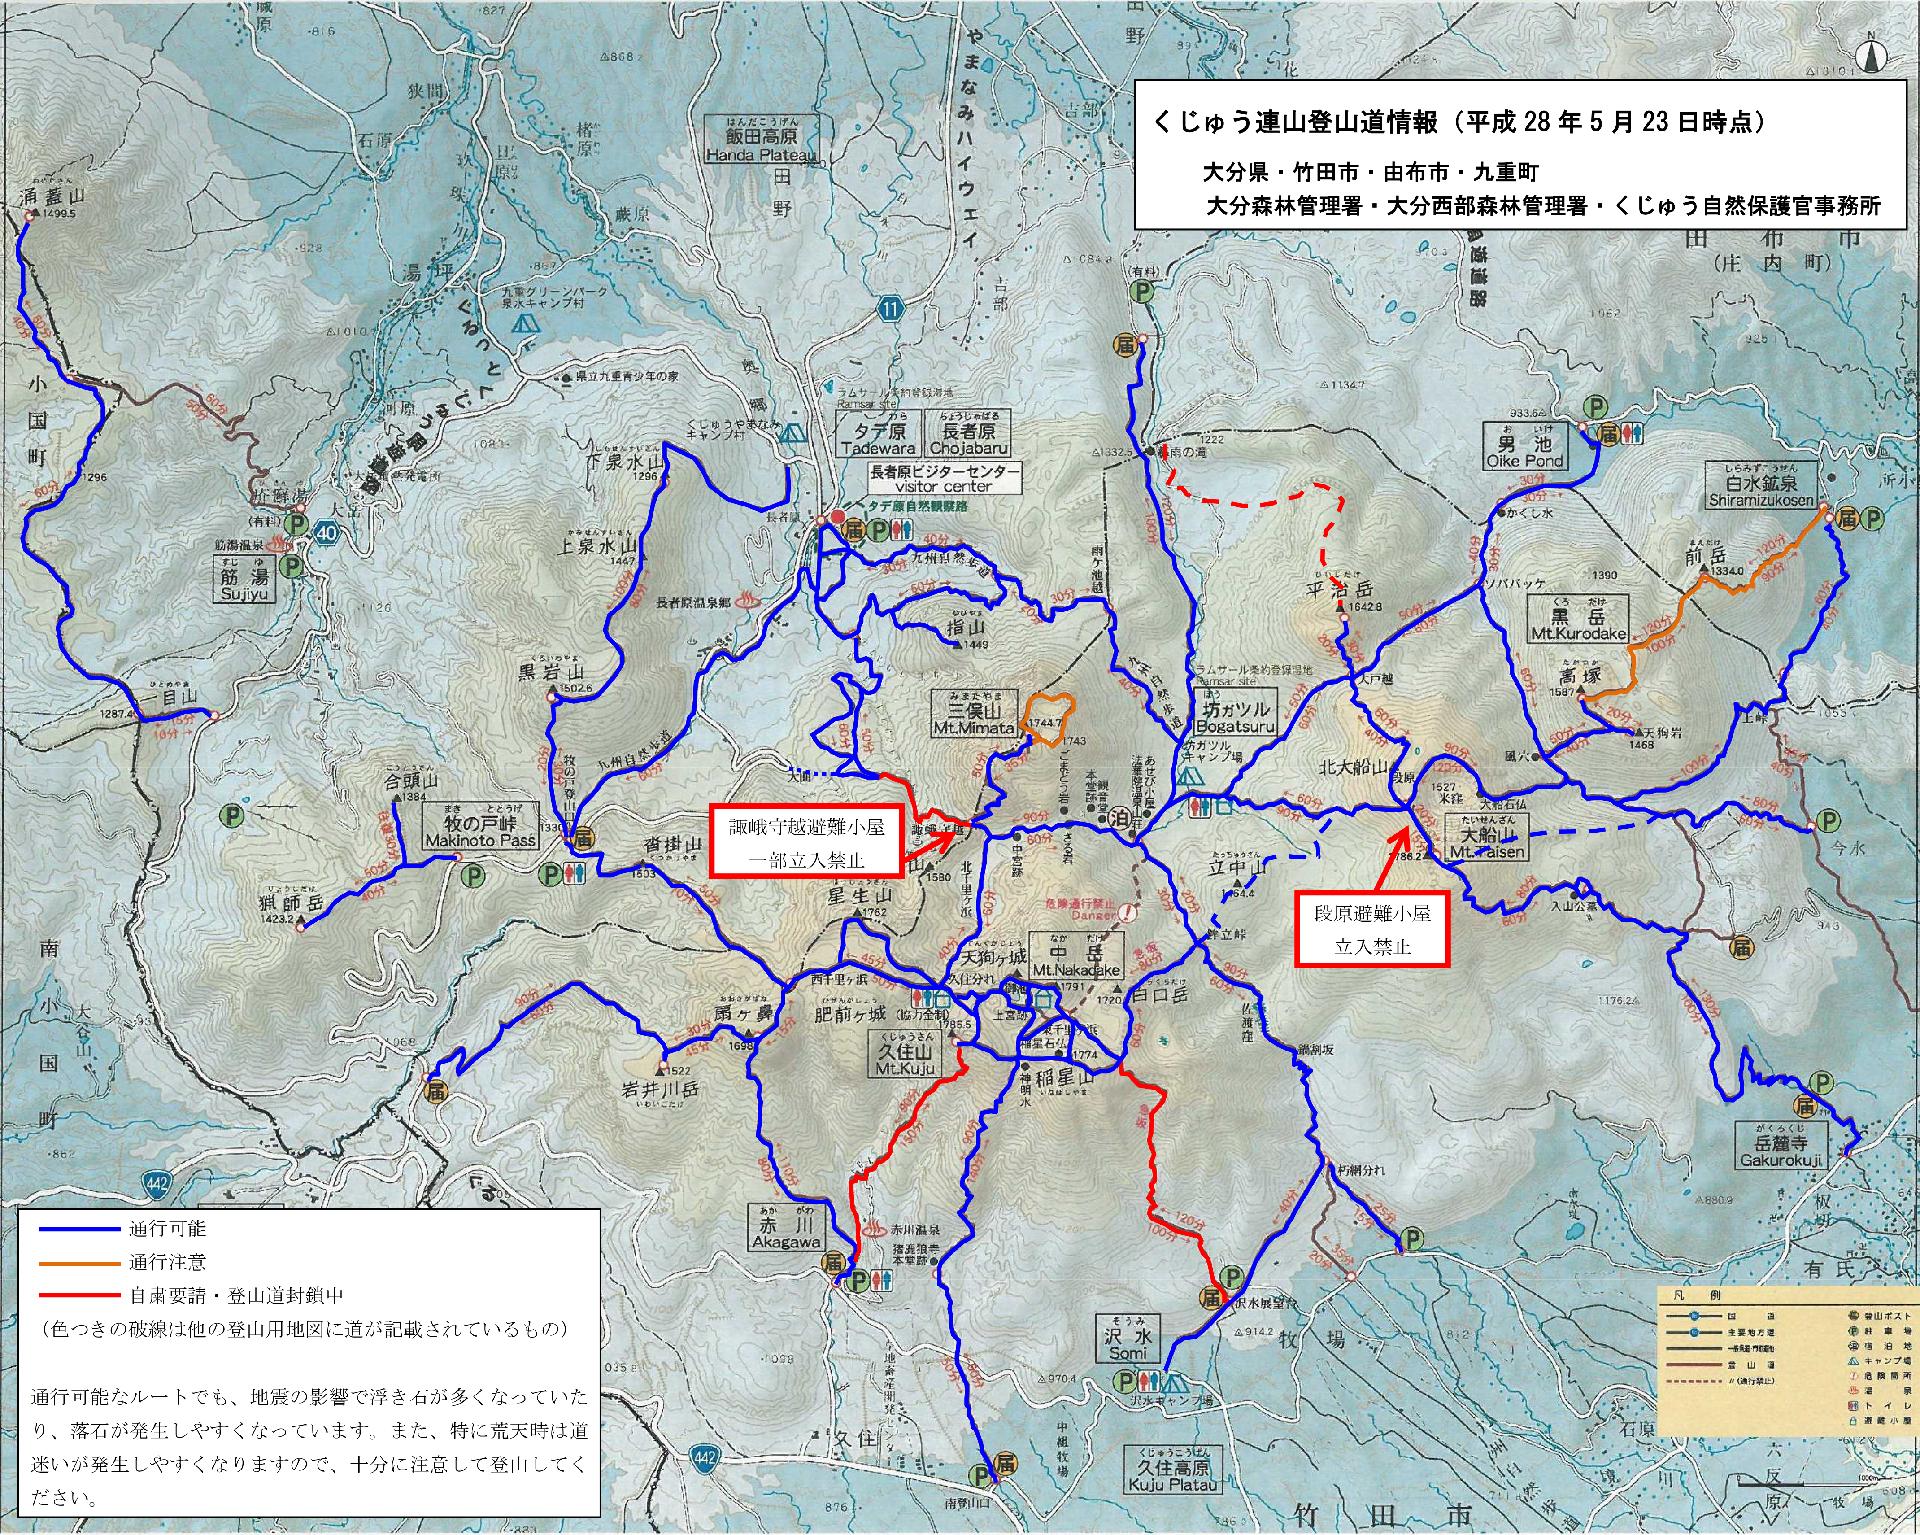 くじゅう連山・登山道情報地図(5/23版)